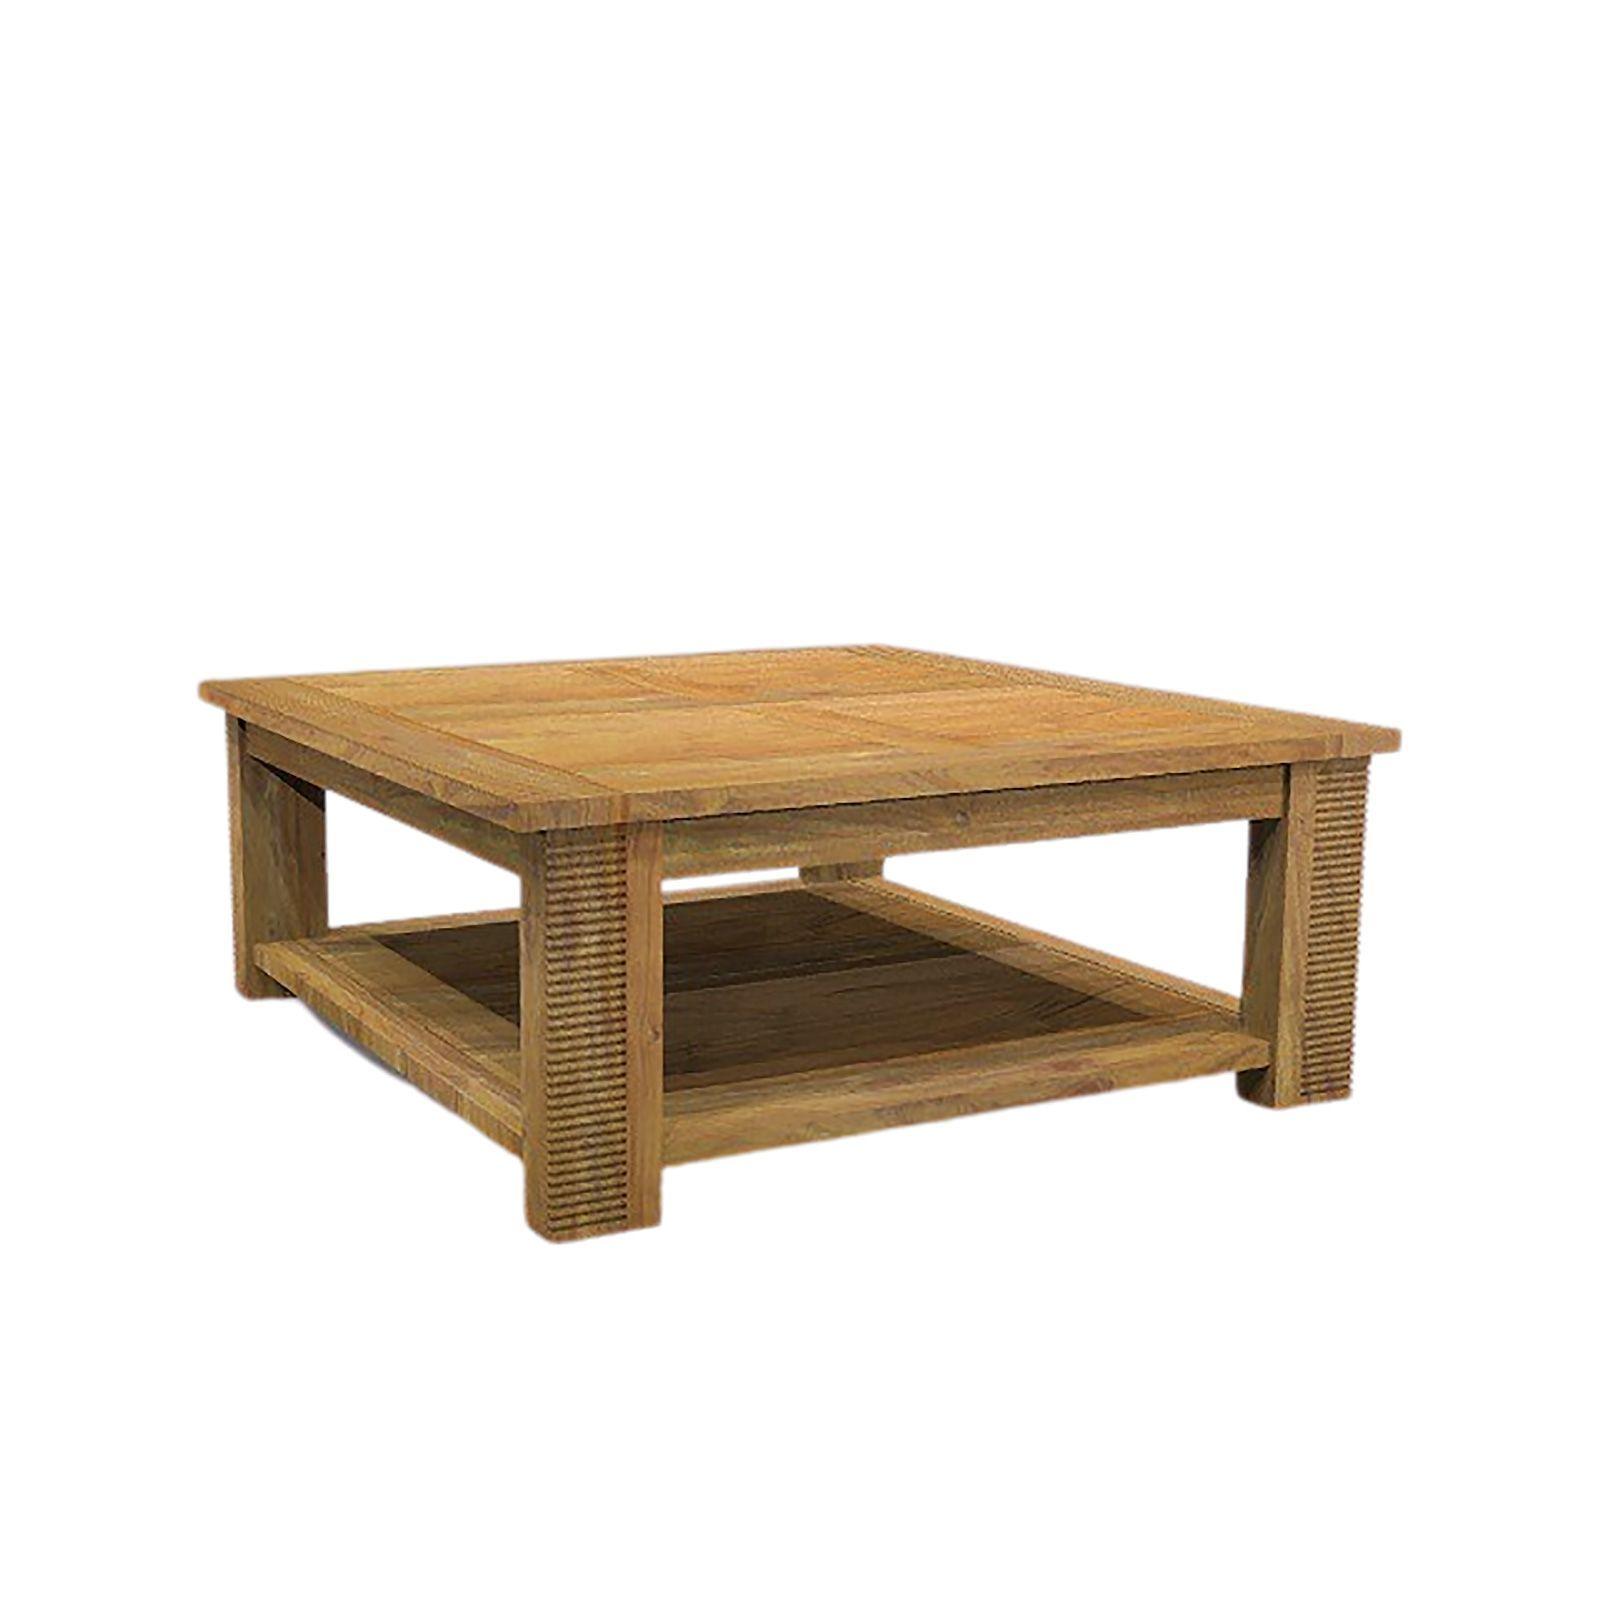 Table basse carrée double plateau bois massif strié